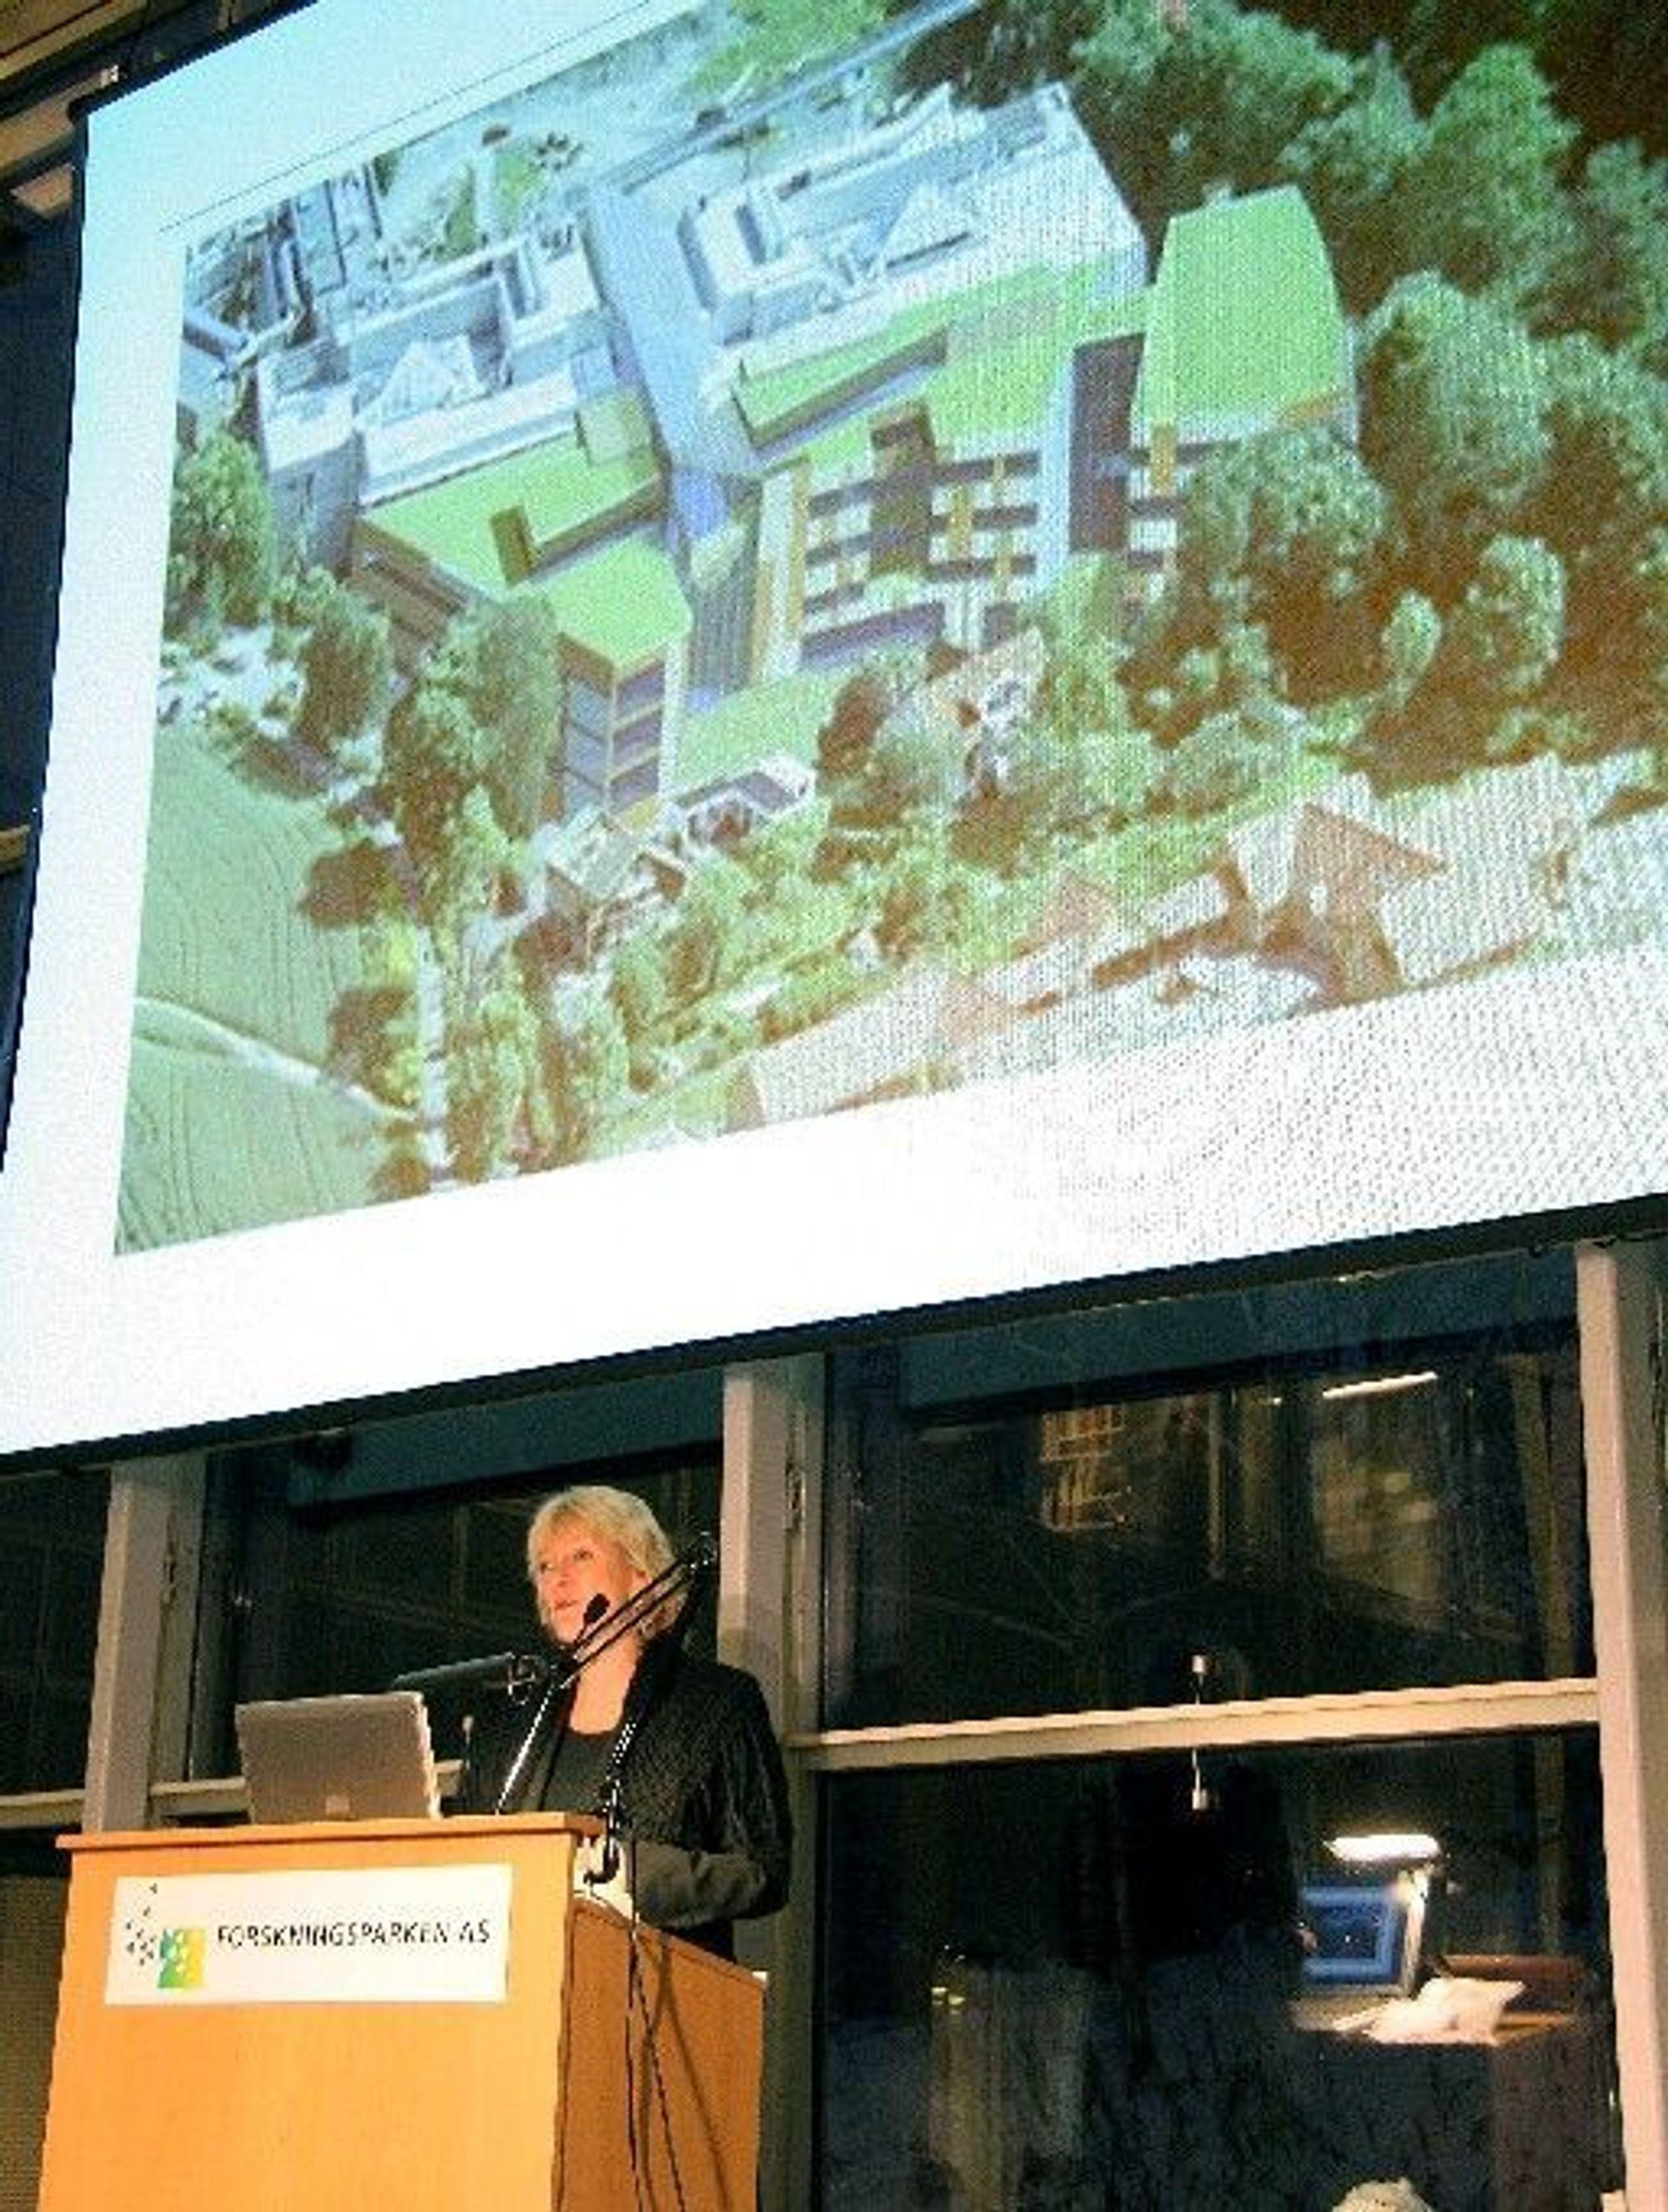 MARKERING:Utdannings- og forskningsminister, Kristin Clemet markerte etableringen av den nye miljøforskningsenteret i Oslo.